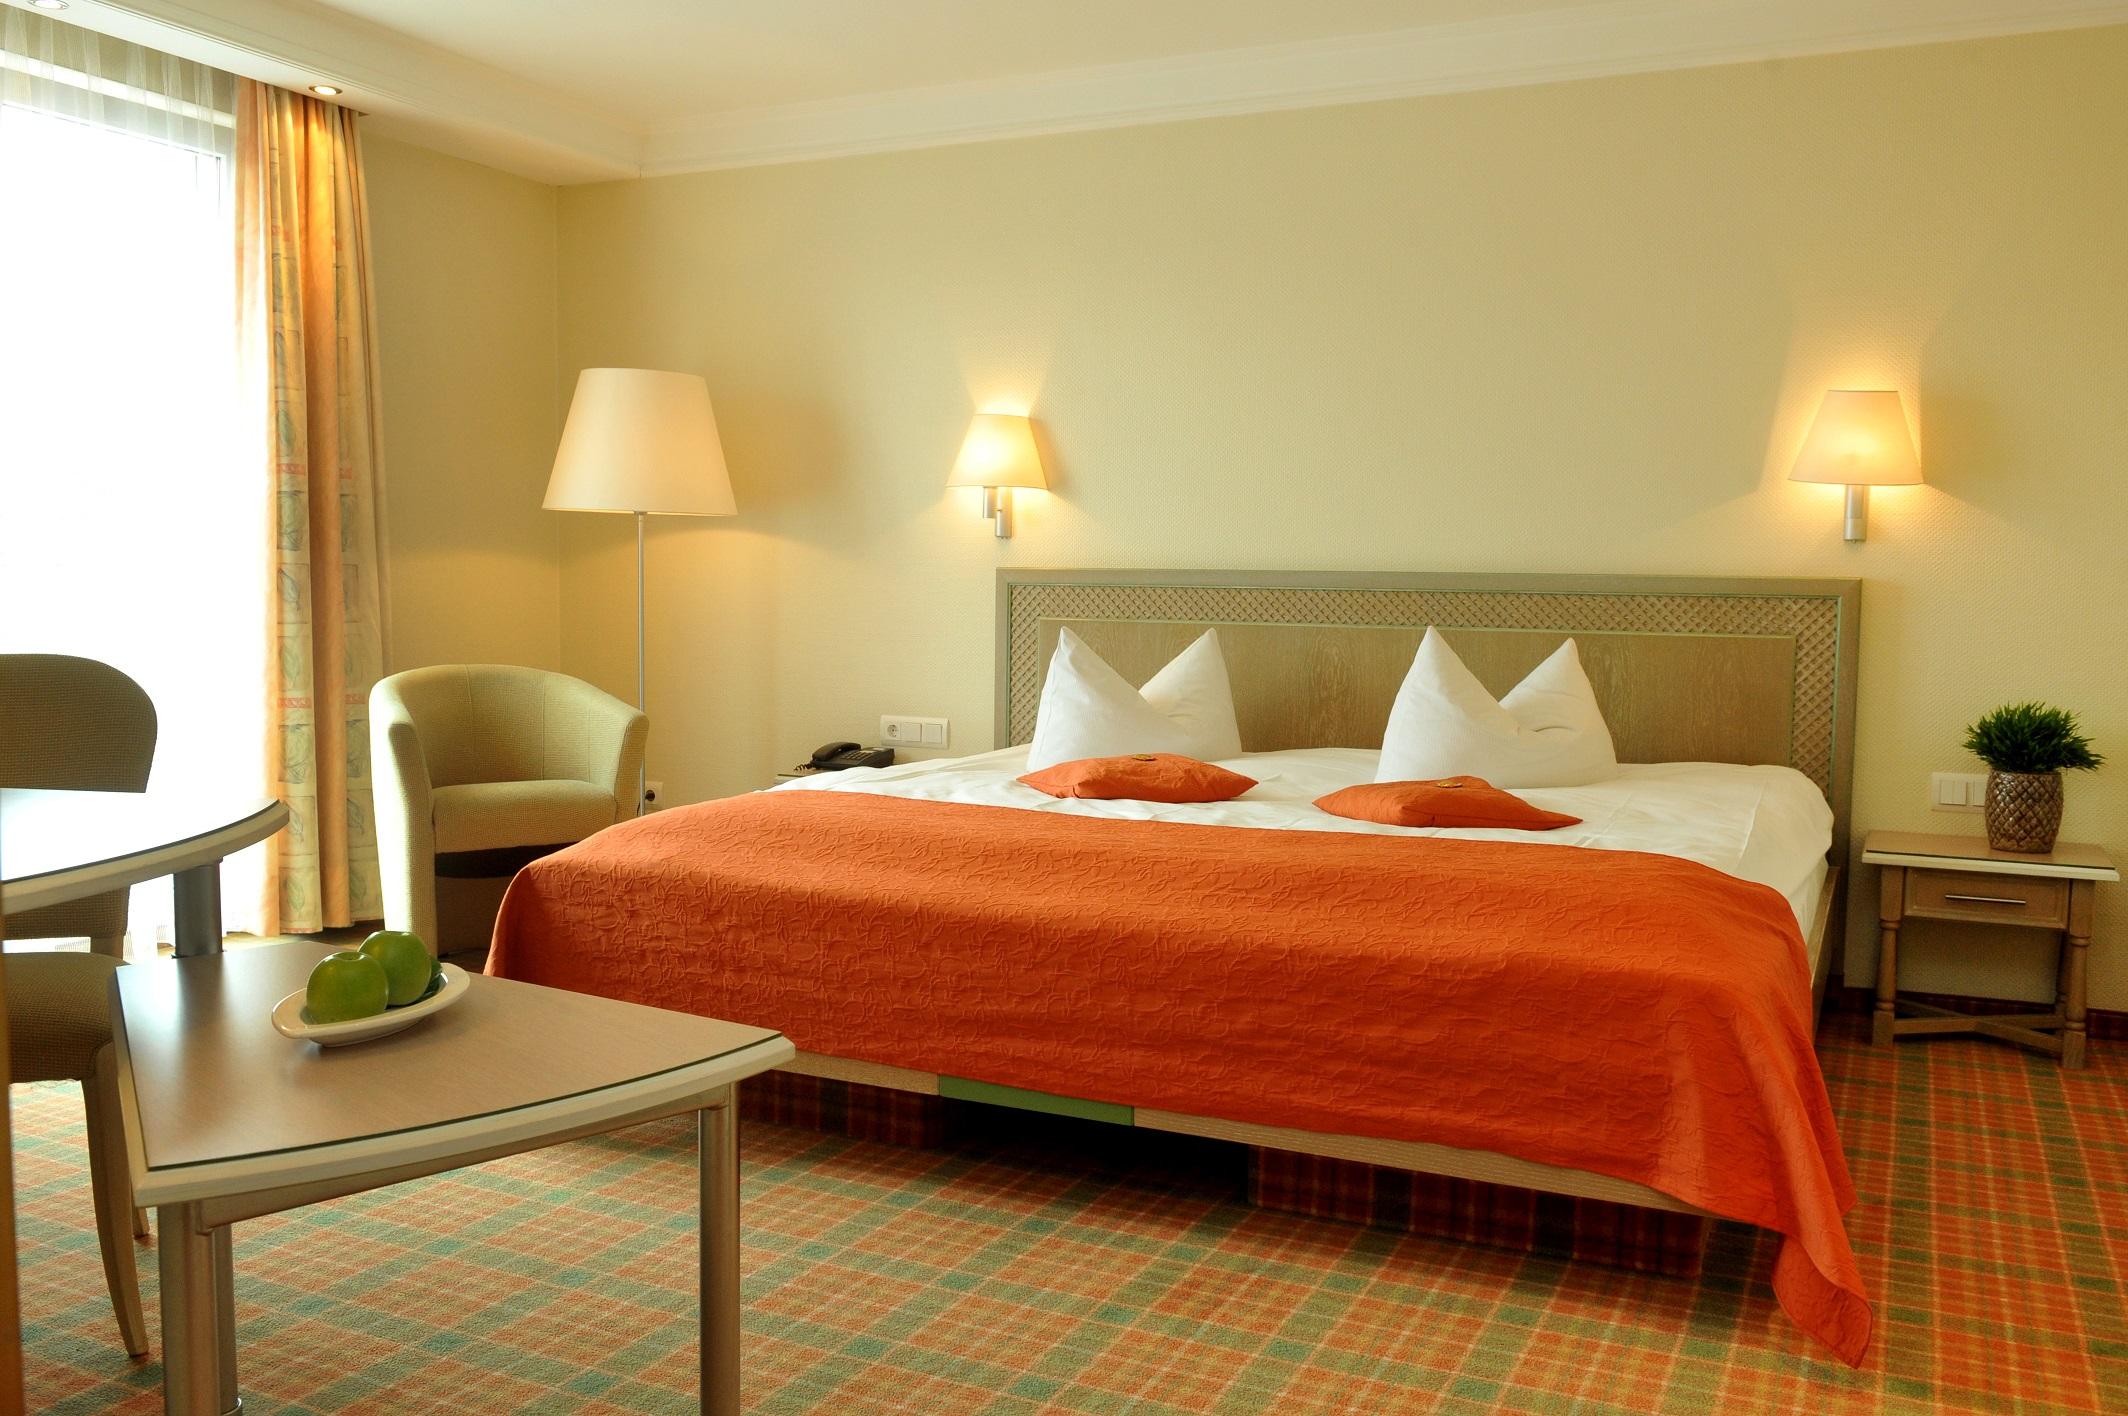 komfort doppelzimmer hotel stadt m nchen. Black Bedroom Furniture Sets. Home Design Ideas